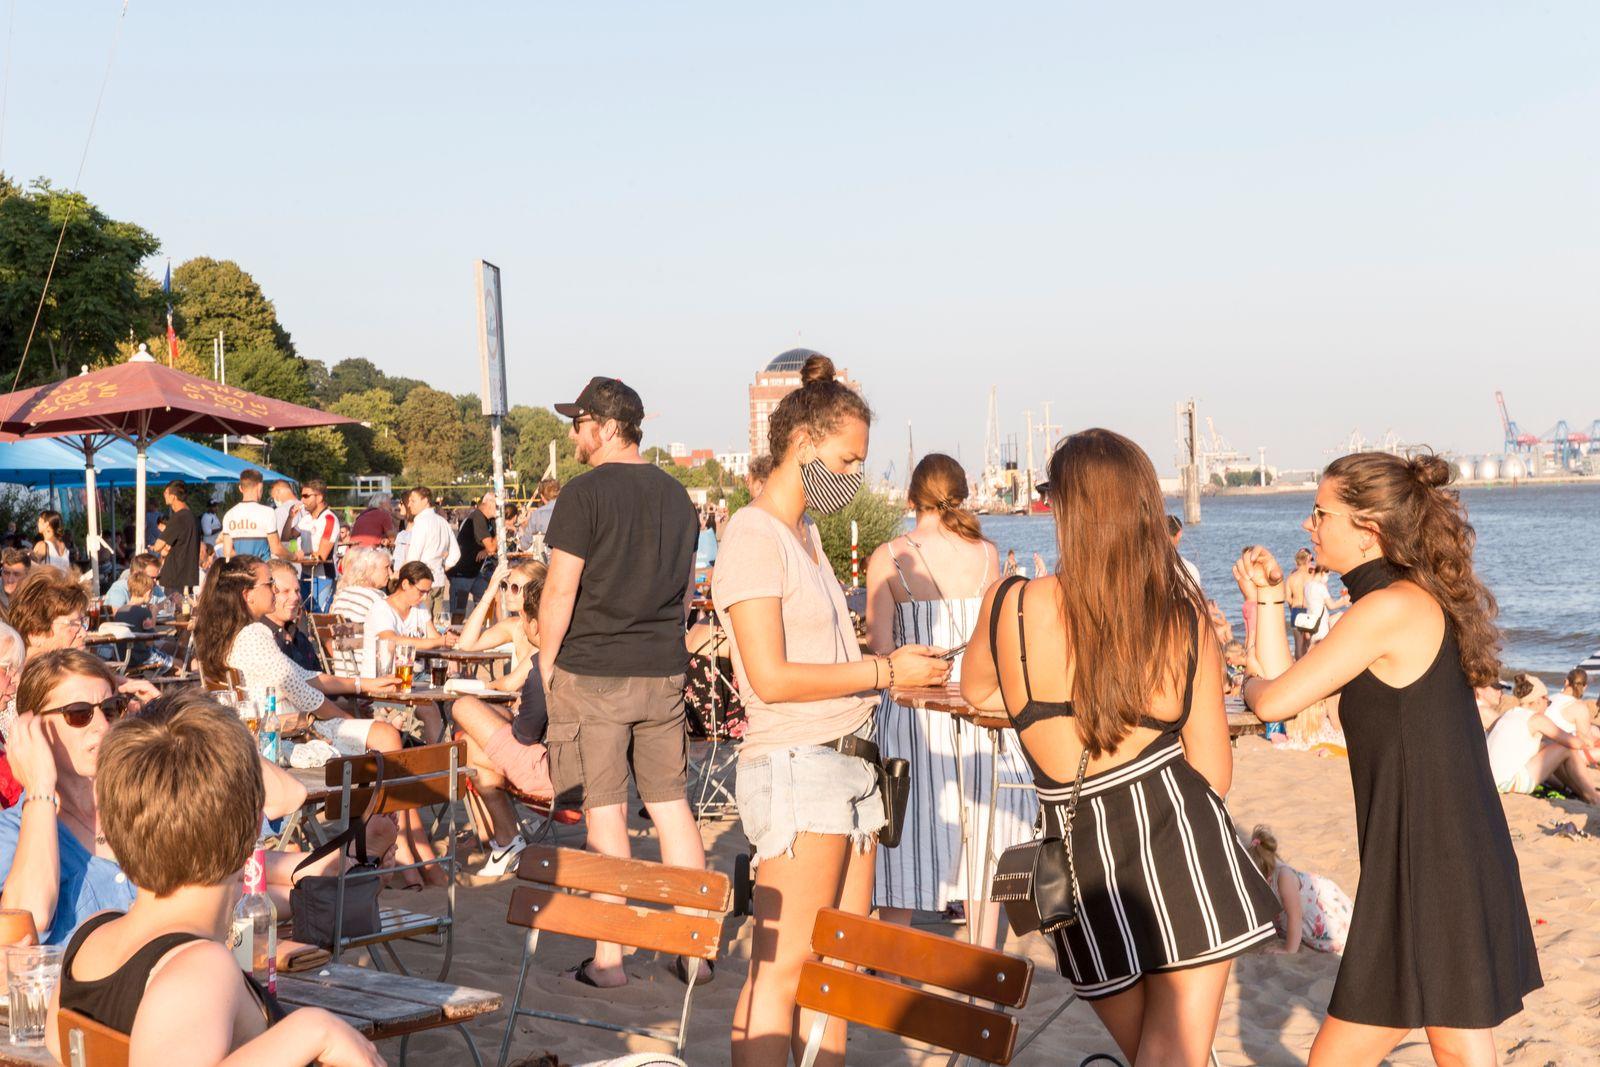 Elbe Beach In Hamburg During The Coronavirus Crisis